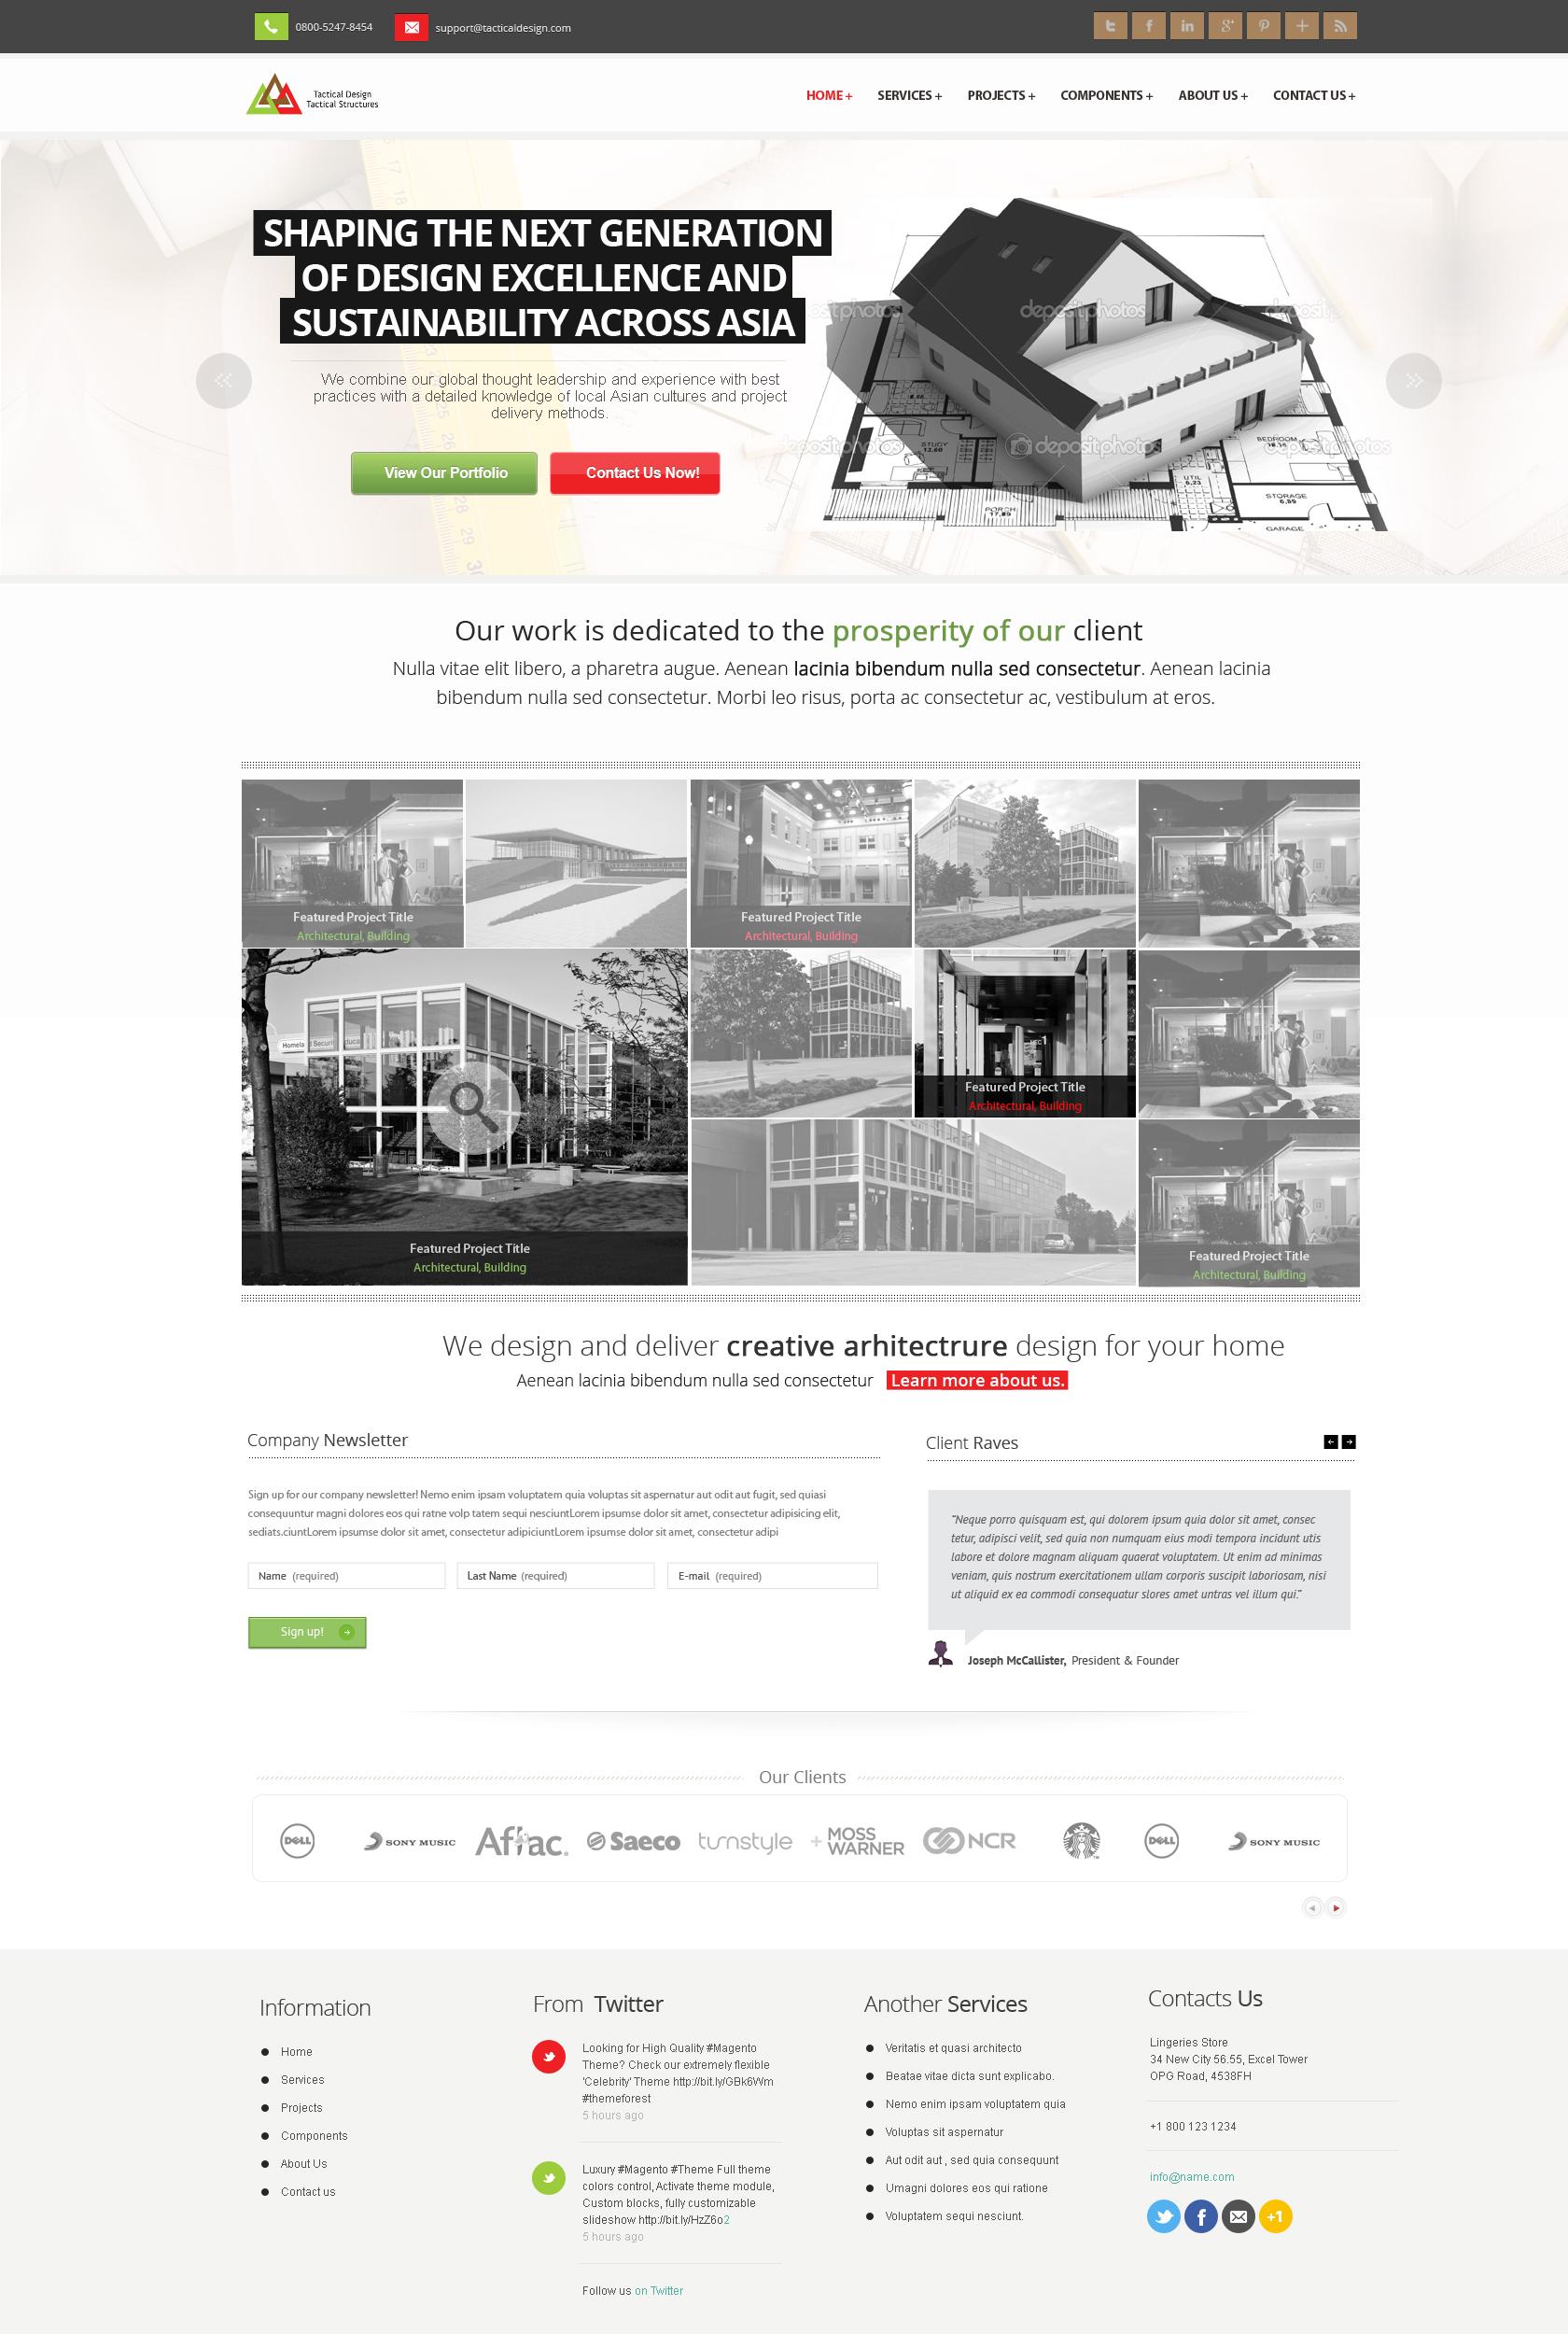 Architectural Company Web Design by vasiligfx